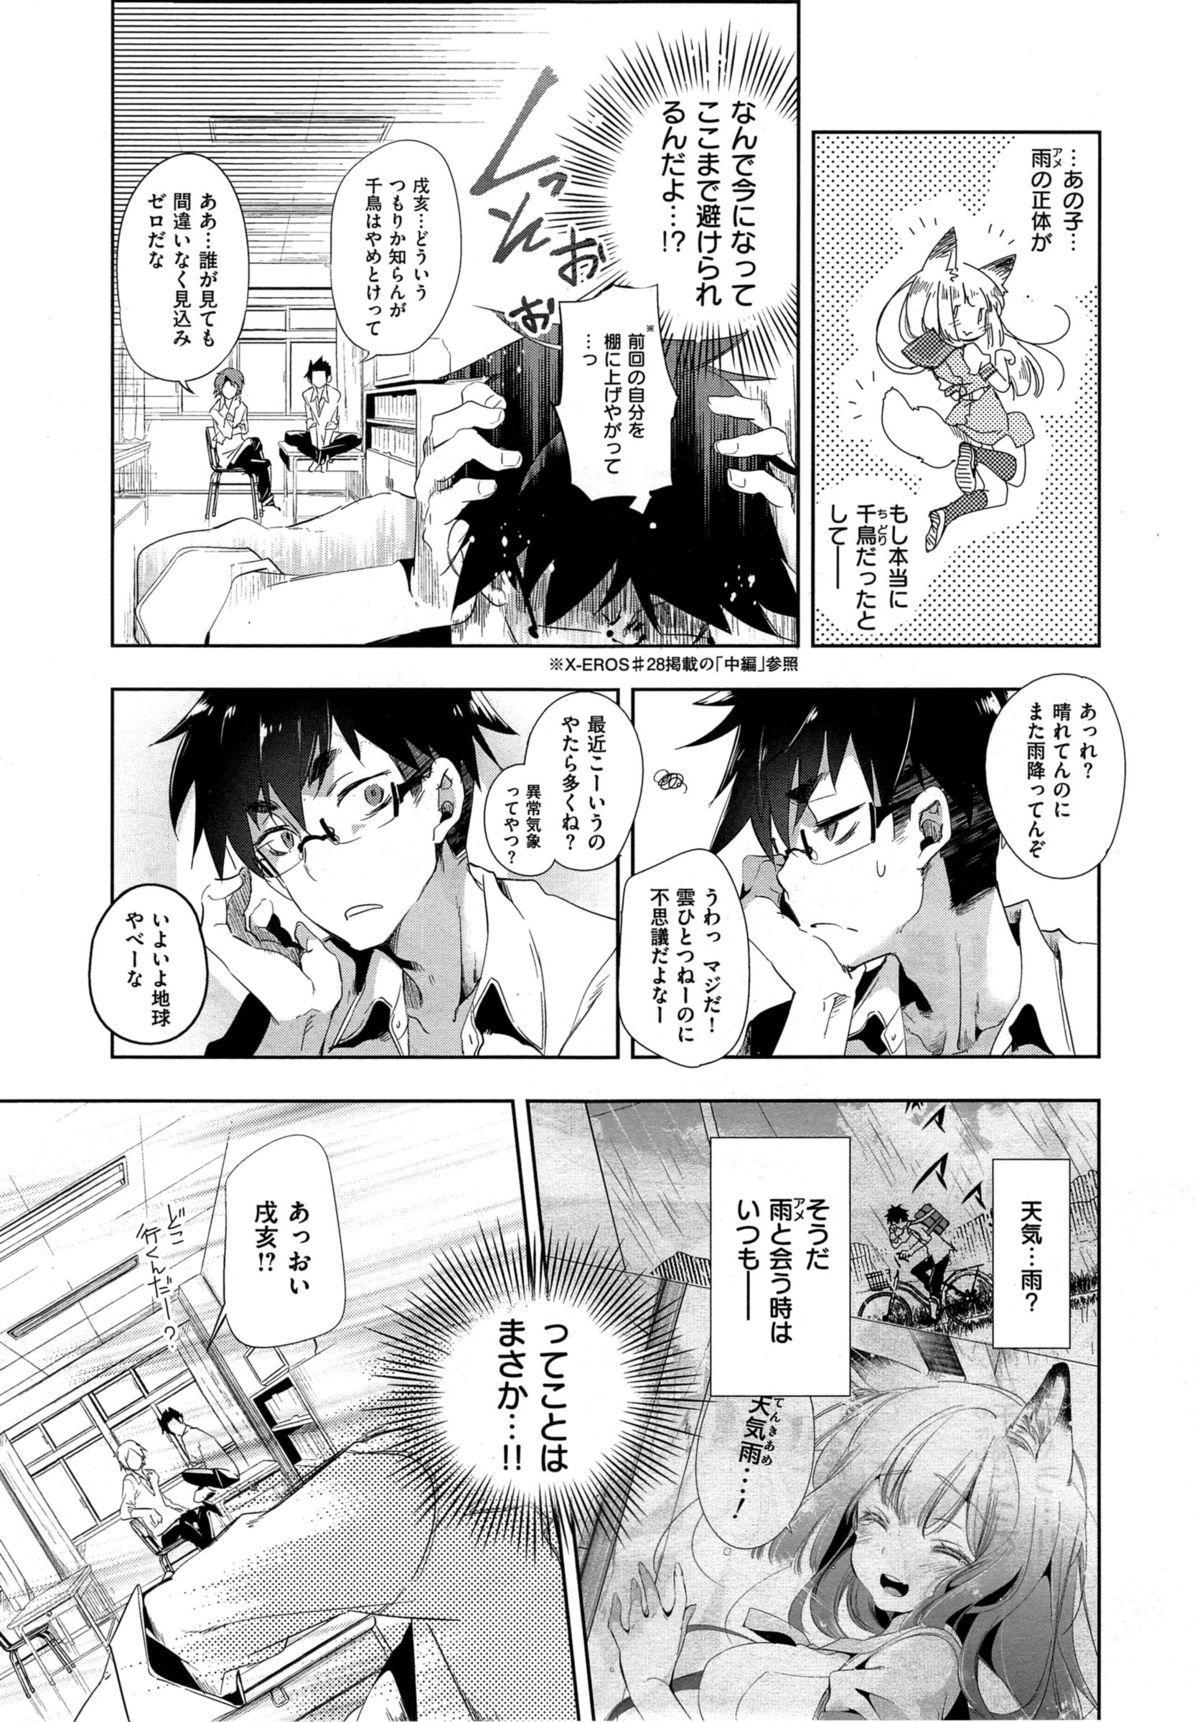 Kitsune no Yomeiri 68